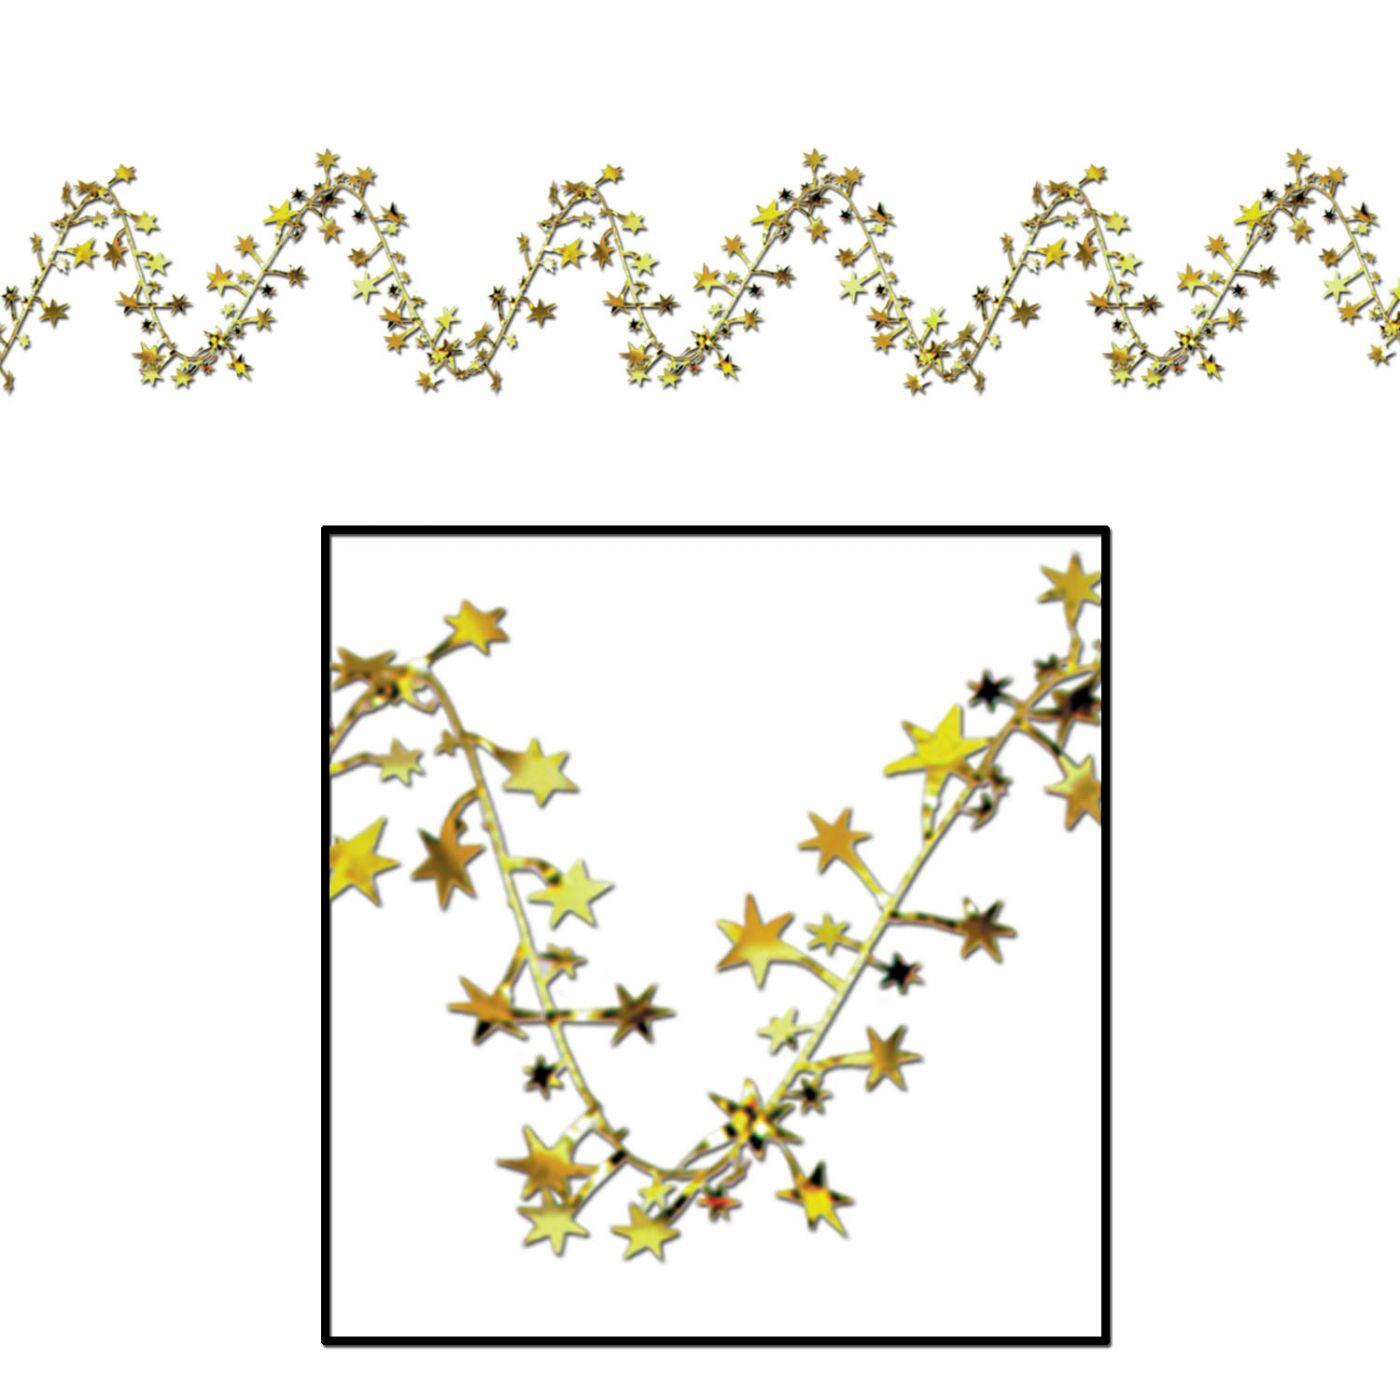 Gleam 'N Flex Star Garland image